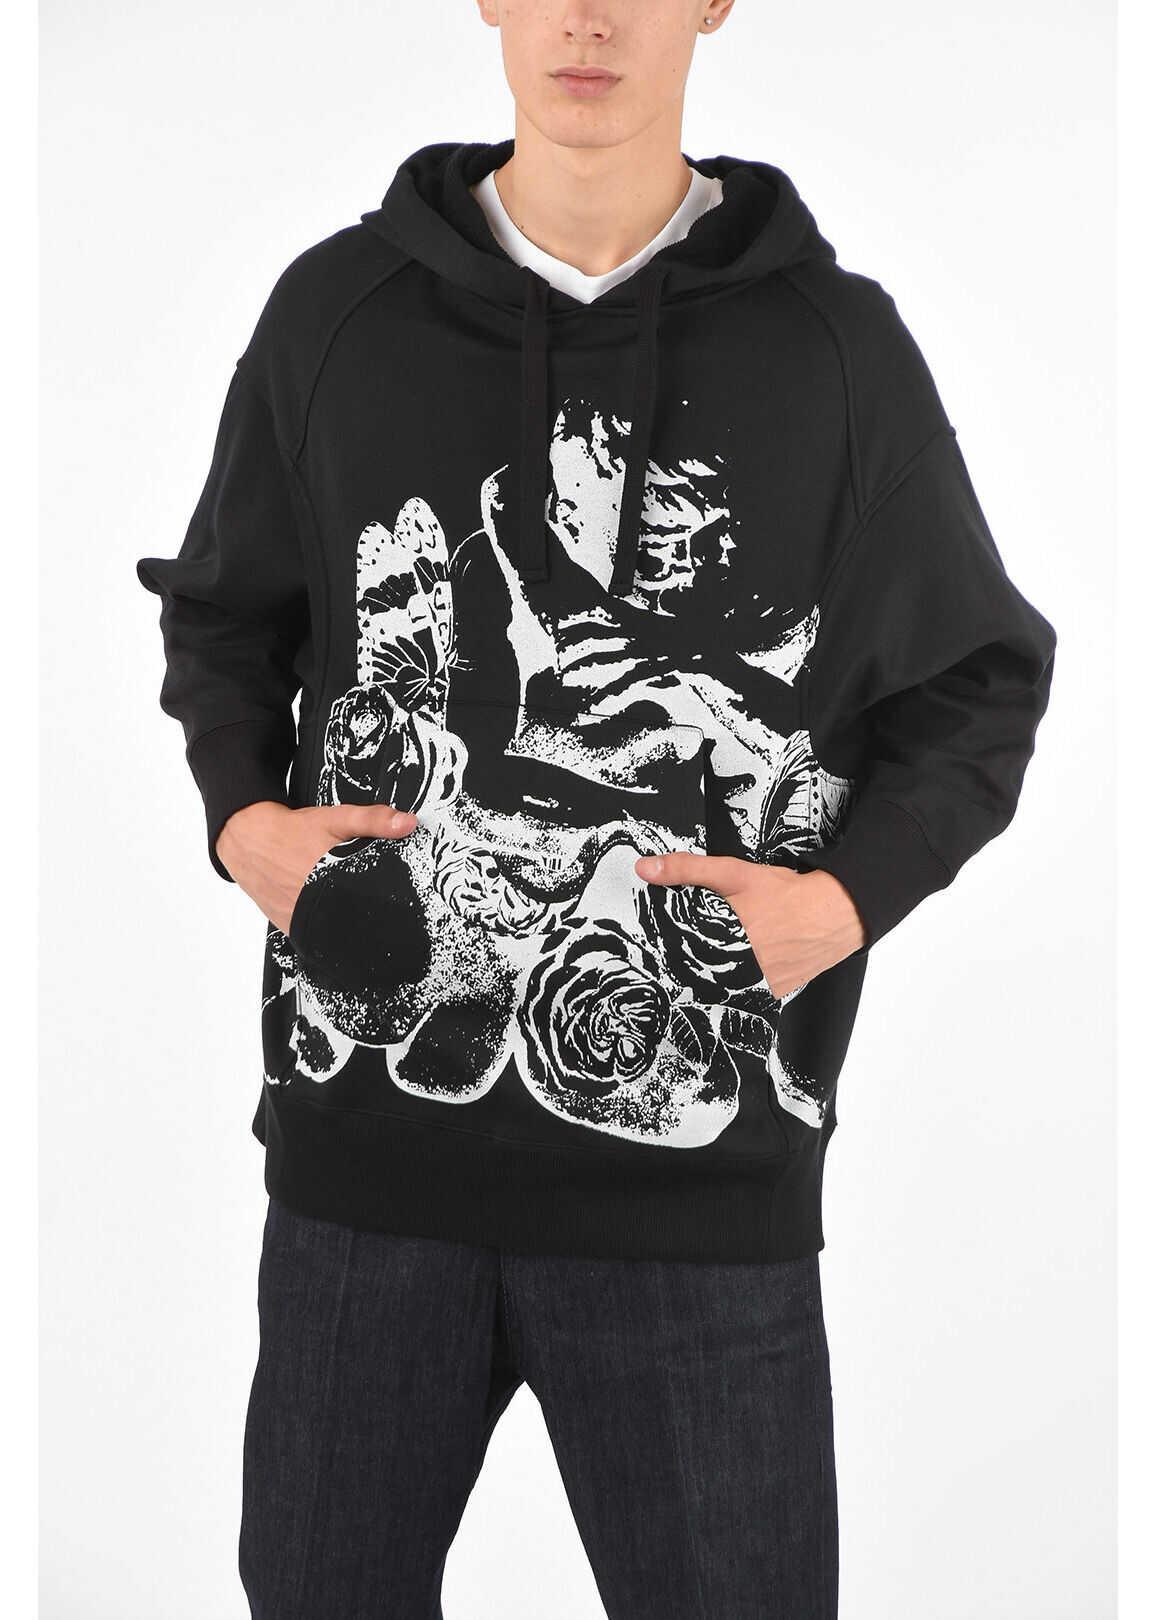 Valentino Garavani Undercover Jun Takahashi Printed Sweatshirt Black image0